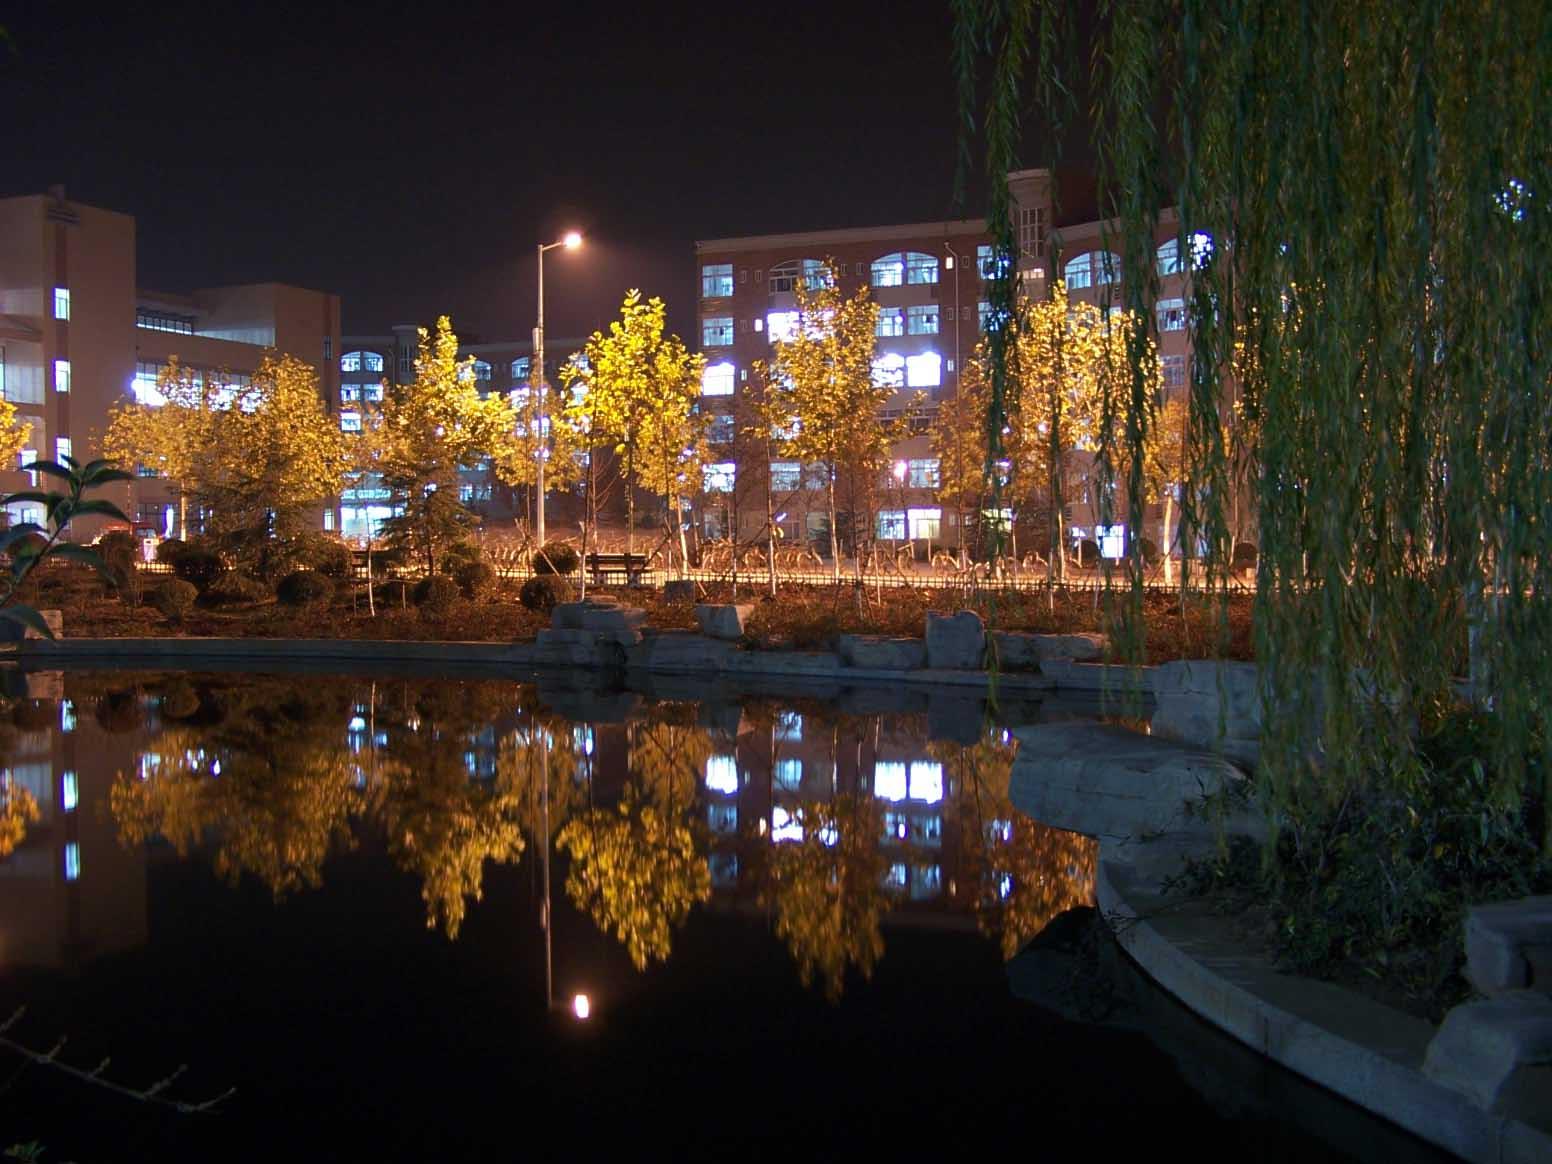 山东建筑大学校园美景